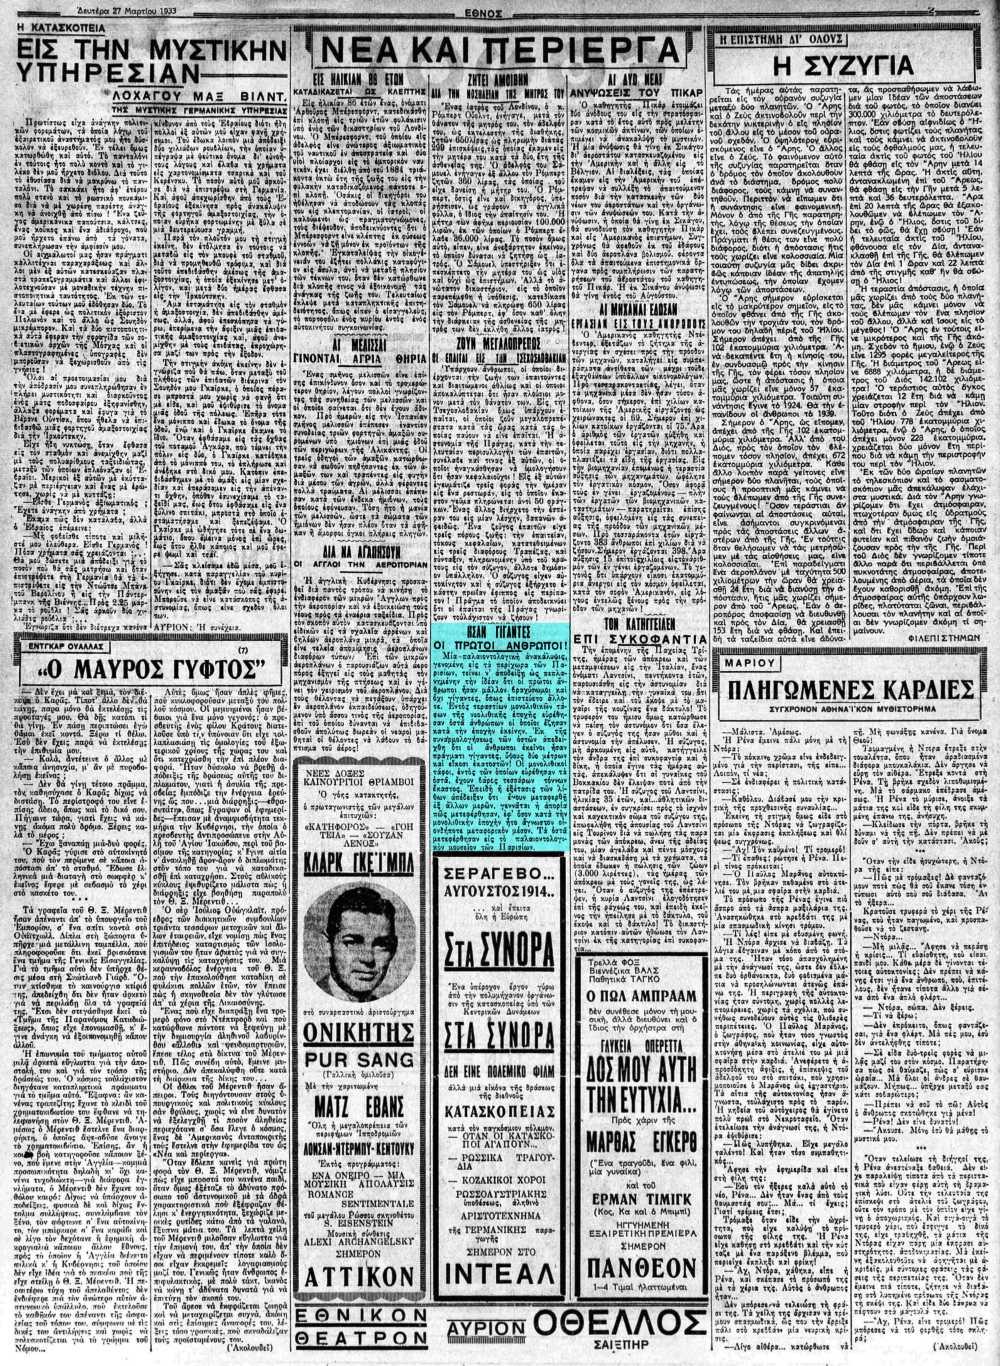 """Το άρθρο, όπως δημοσιεύθηκε στην εφημερίδα """"ΕΘΝΟΣ"""", στις 27/03/1933"""